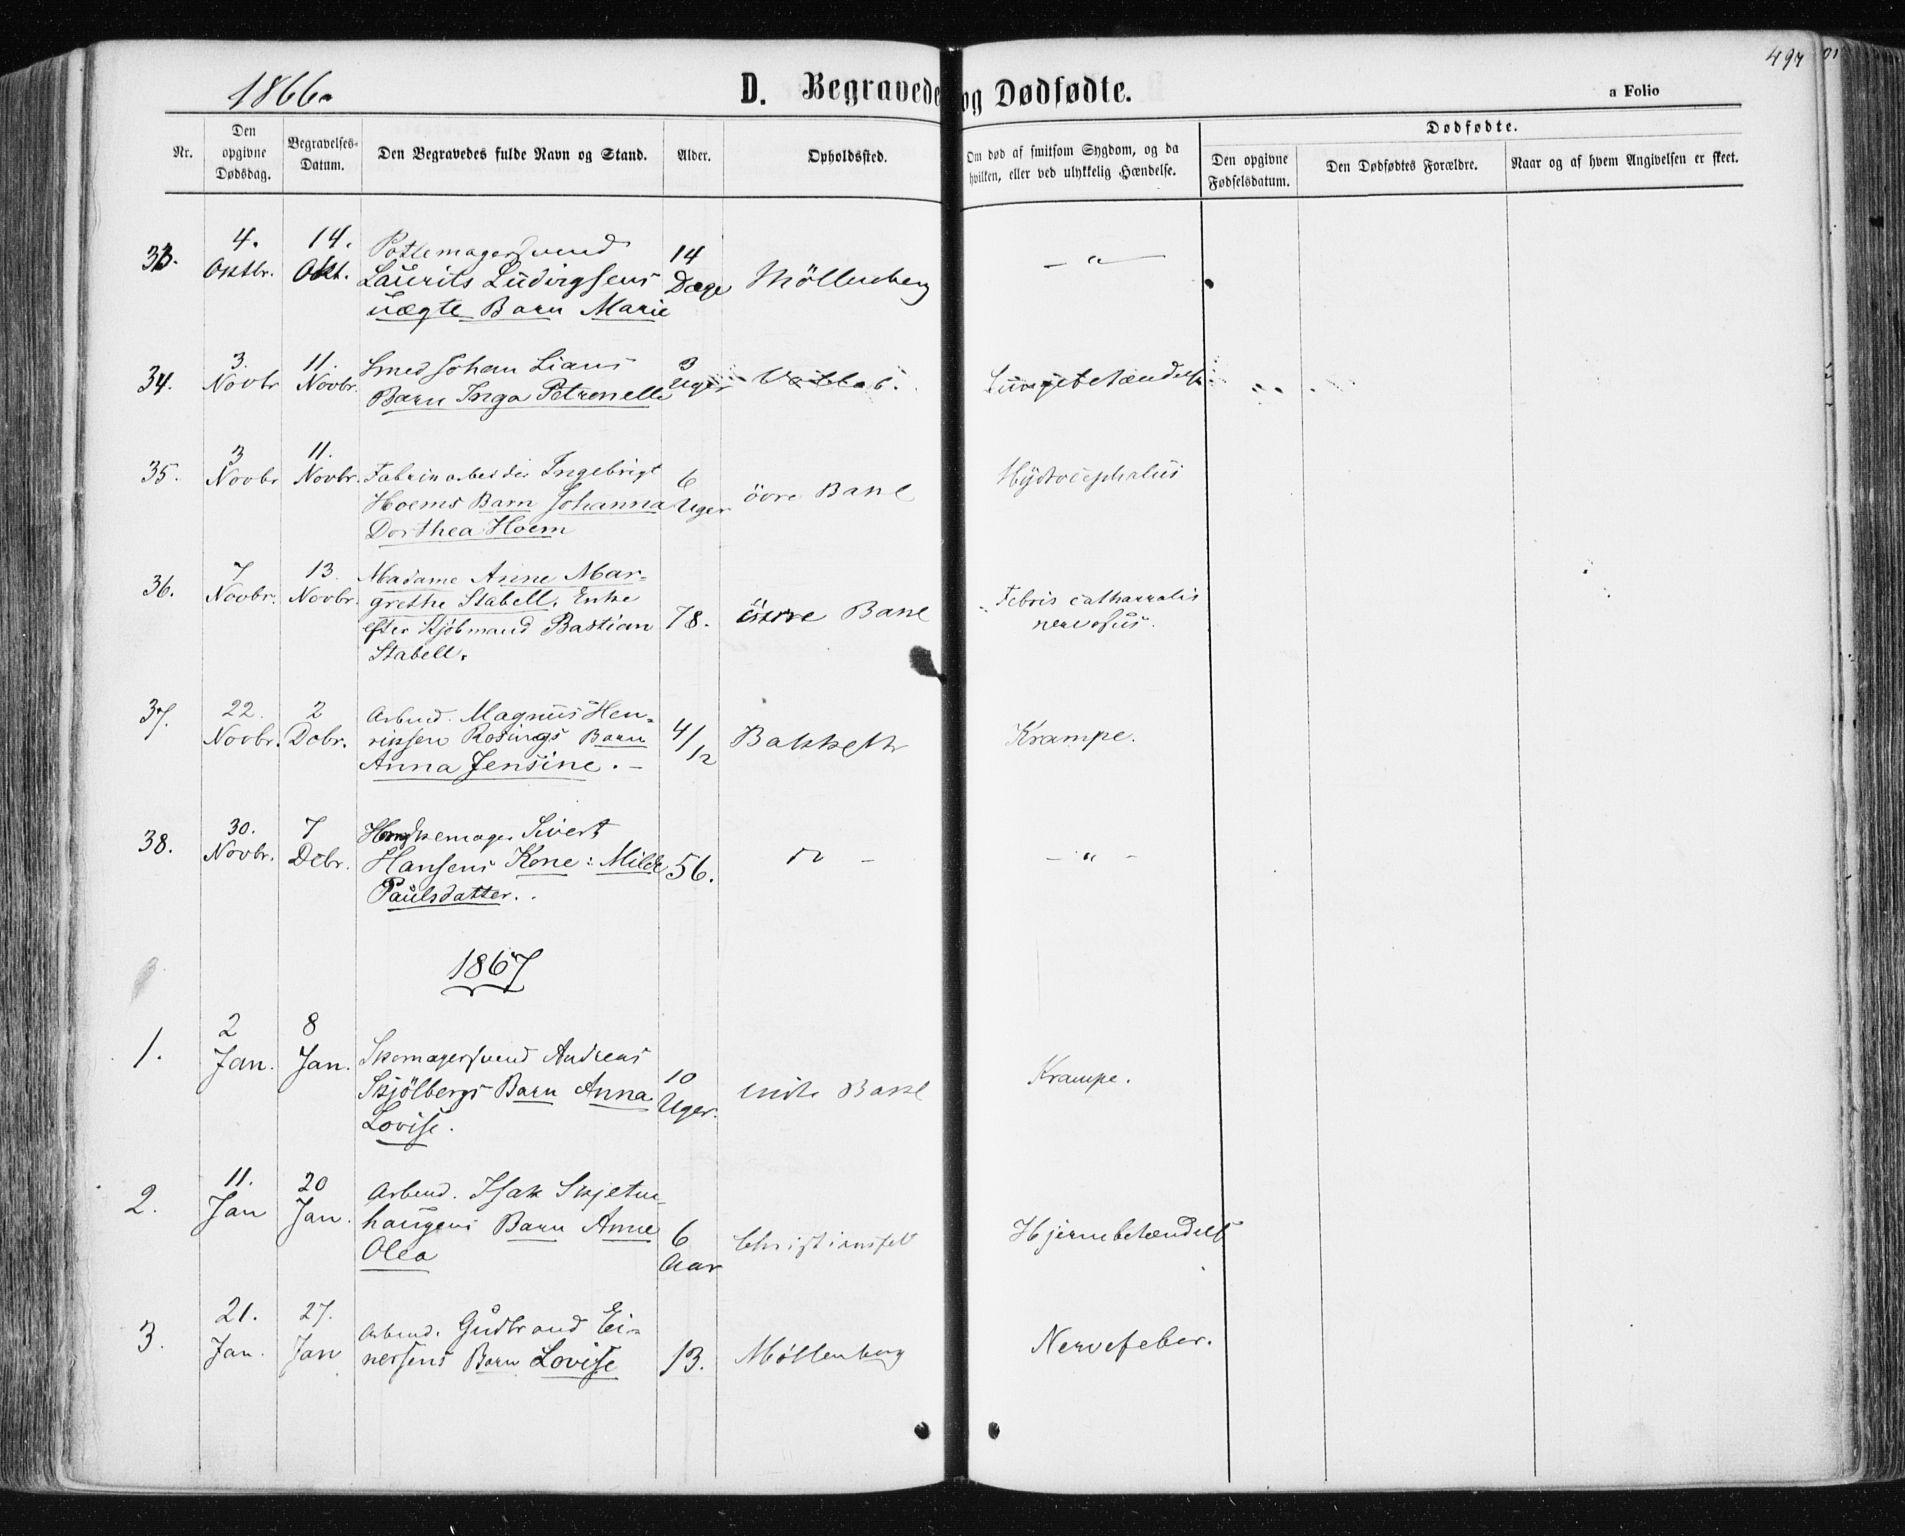 SAT, Ministerialprotokoller, klokkerbøker og fødselsregistre - Sør-Trøndelag, 604/L0186: Ministerialbok nr. 604A07, 1866-1877, s. 497